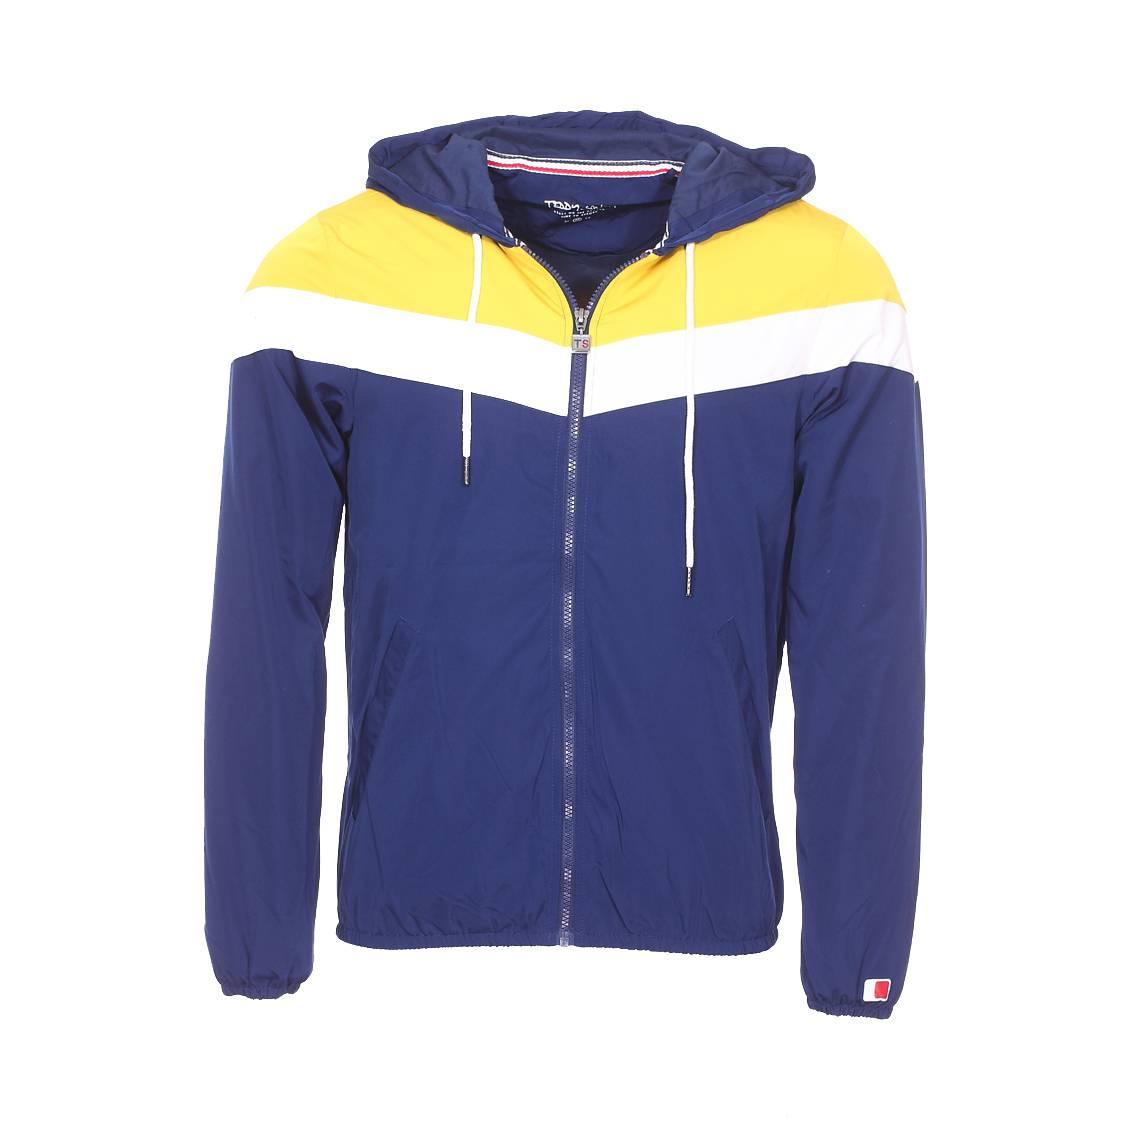 Veste coupe-vent à capuche  b-snatch à opposition de couleurs bleu indigo, jaune et blanche